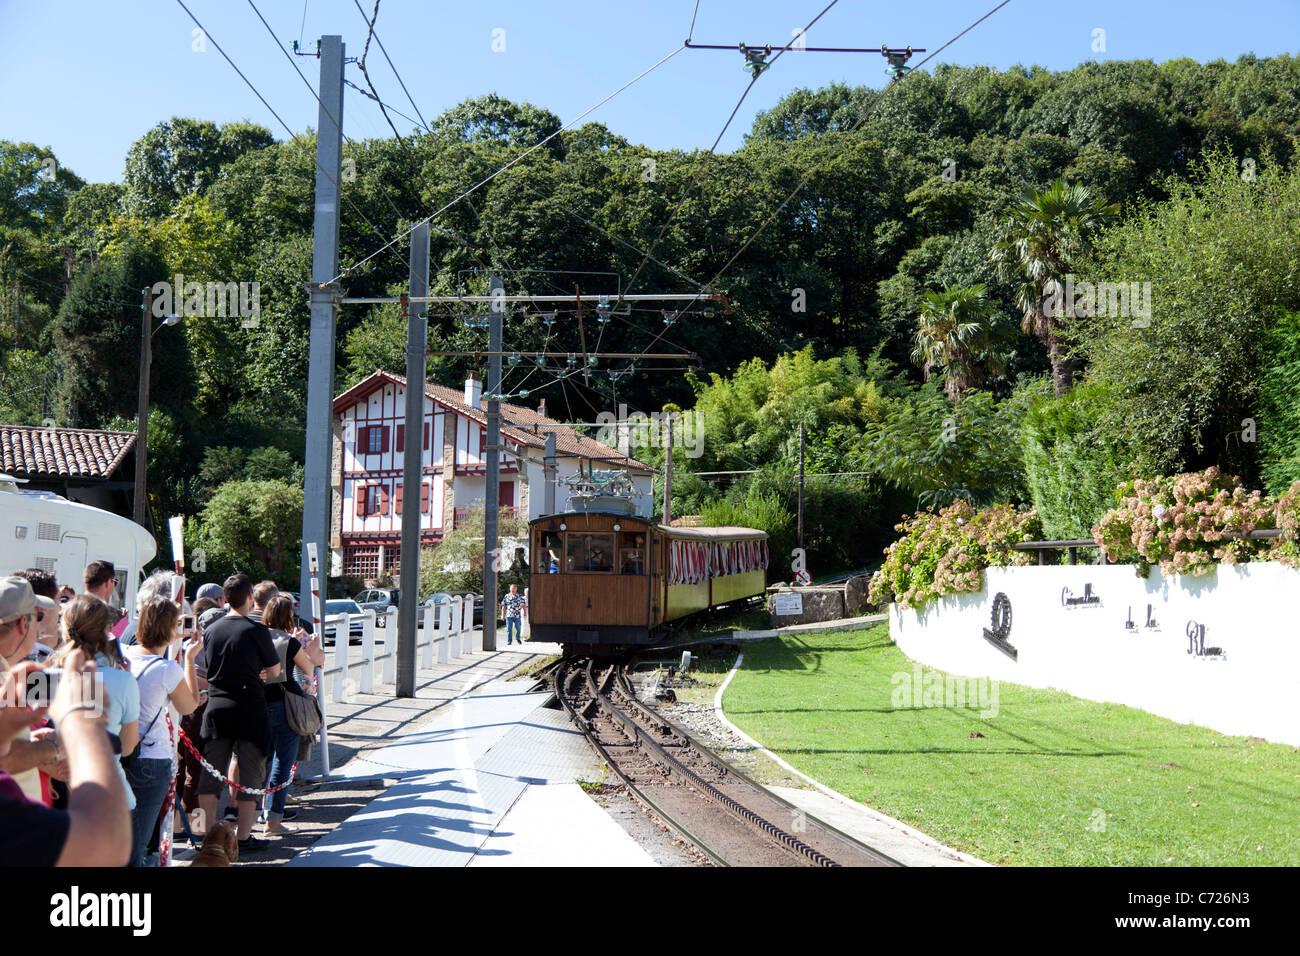 Arrival at the station of the Rhune rack railway train (France). Arrivée en gare du train à crémaillère - Stock Image